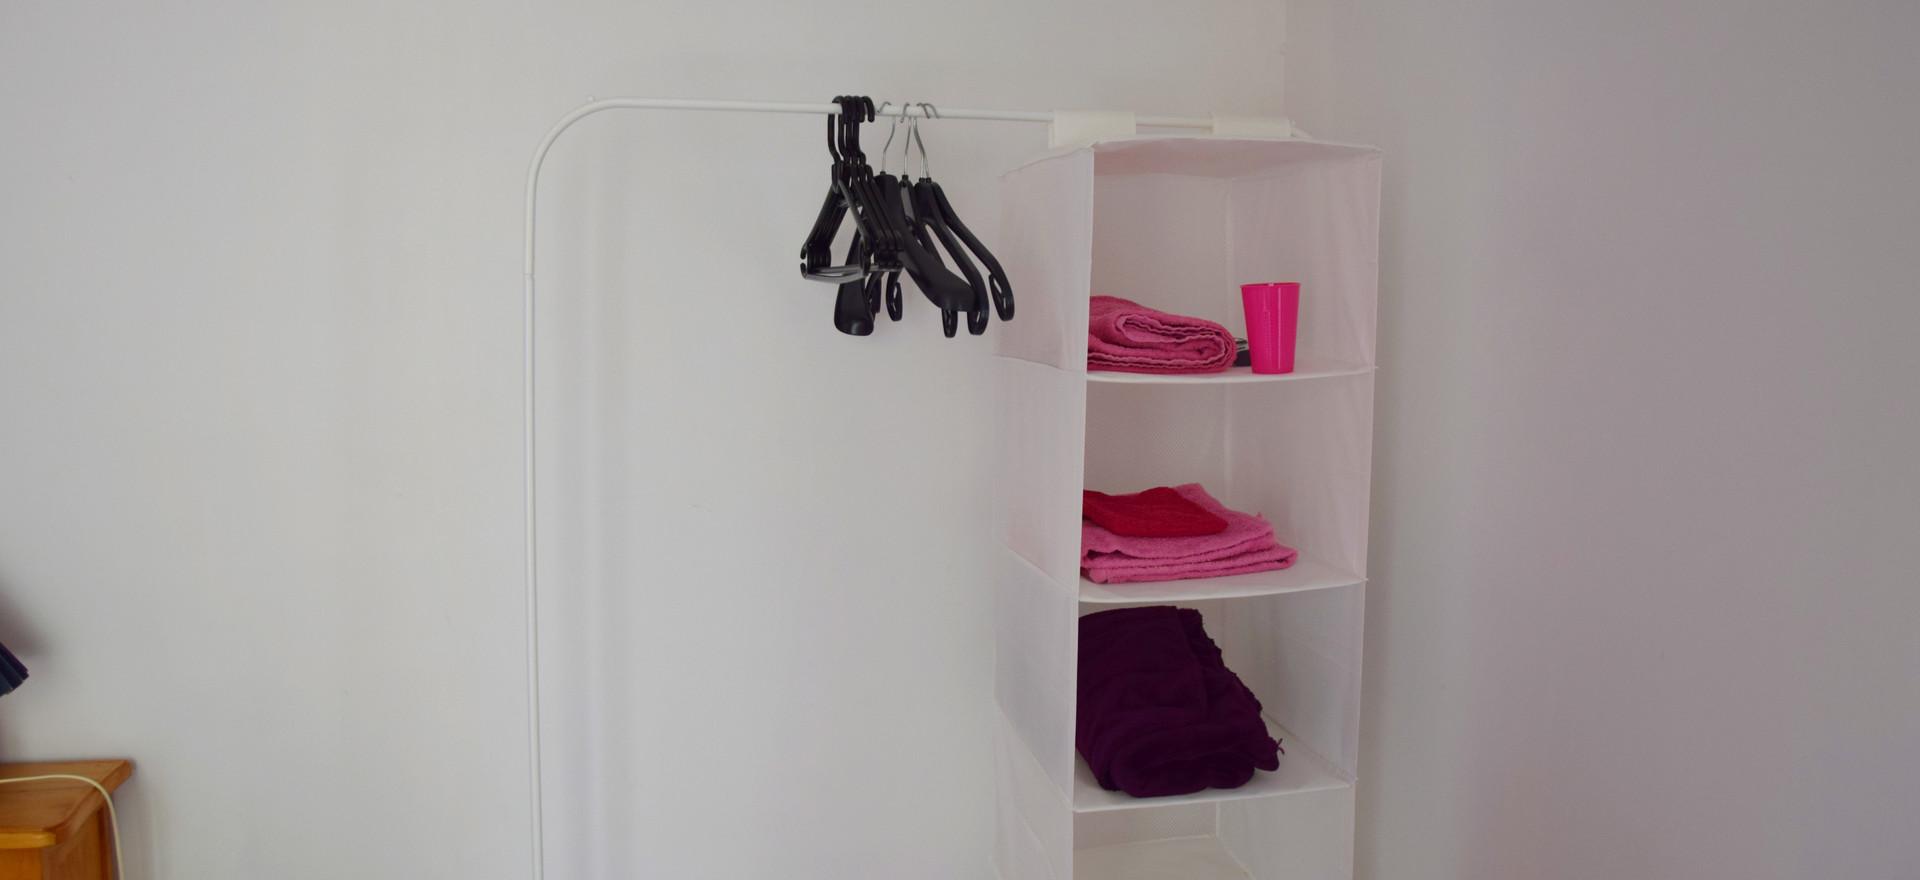 De roze kamer komt samen met roze handdoeken.